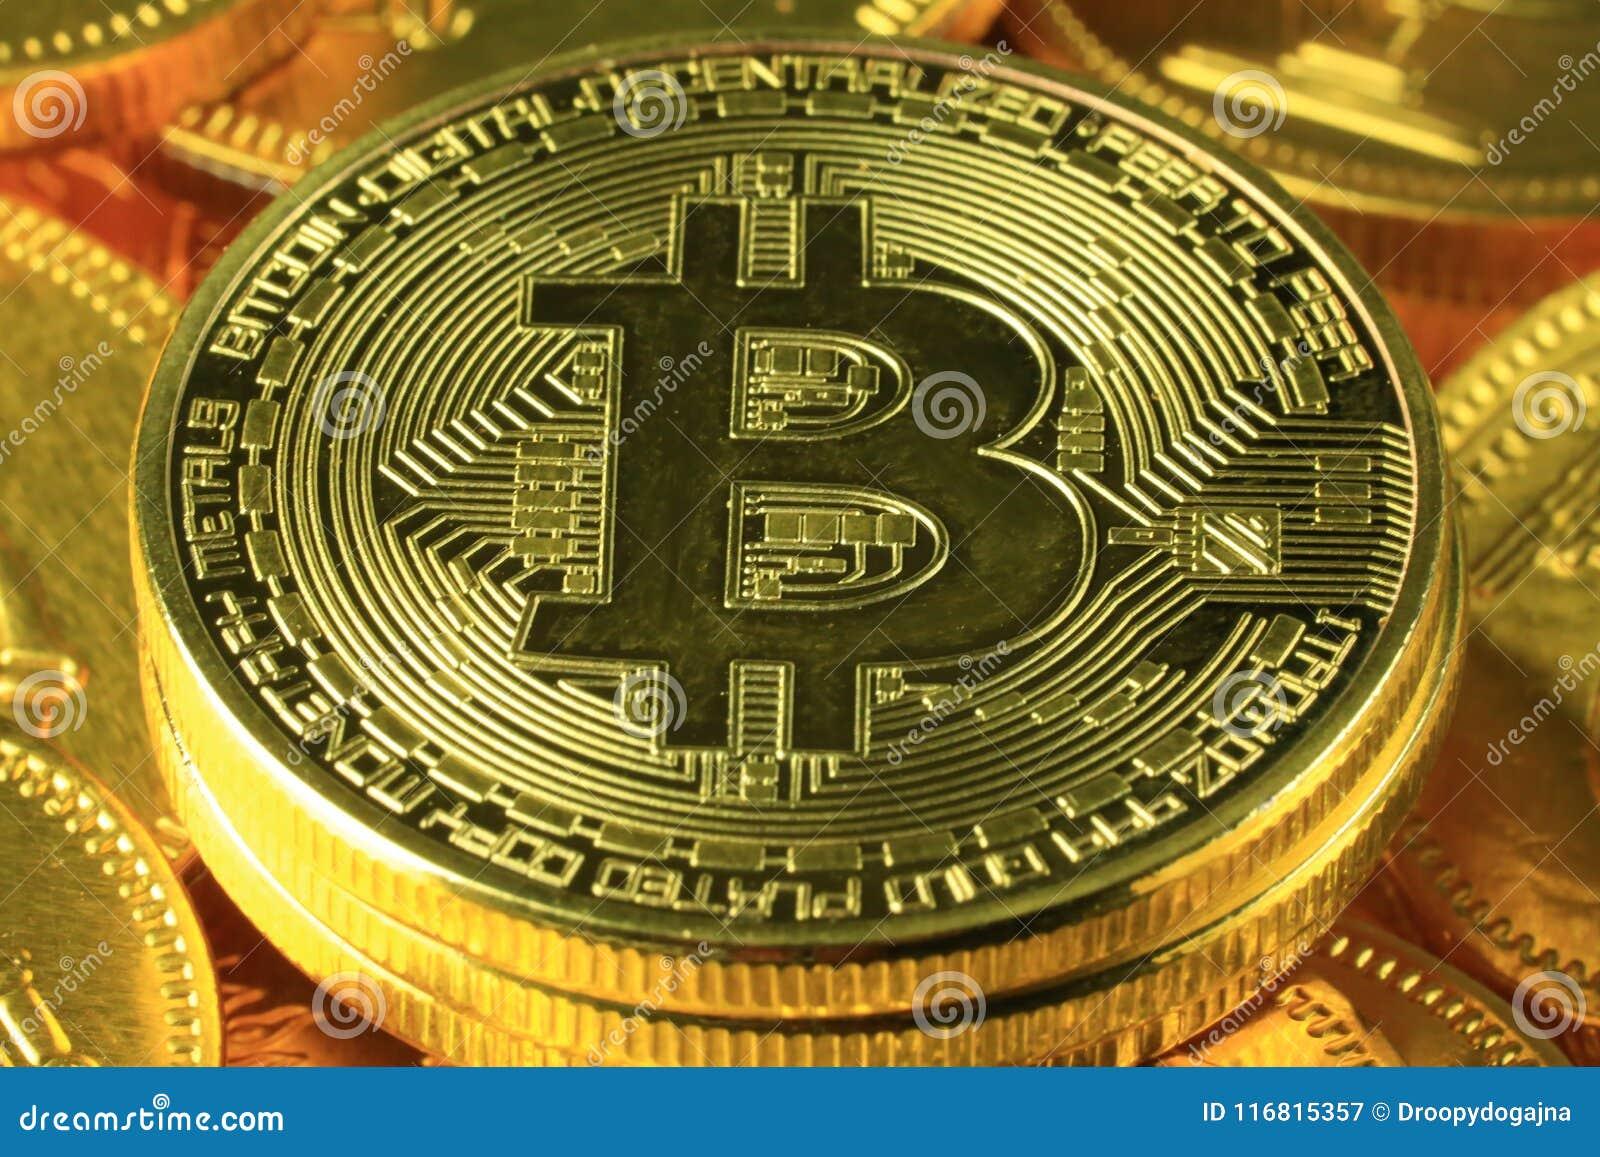 Primo piano del pagamento mondiale di Bitcoins